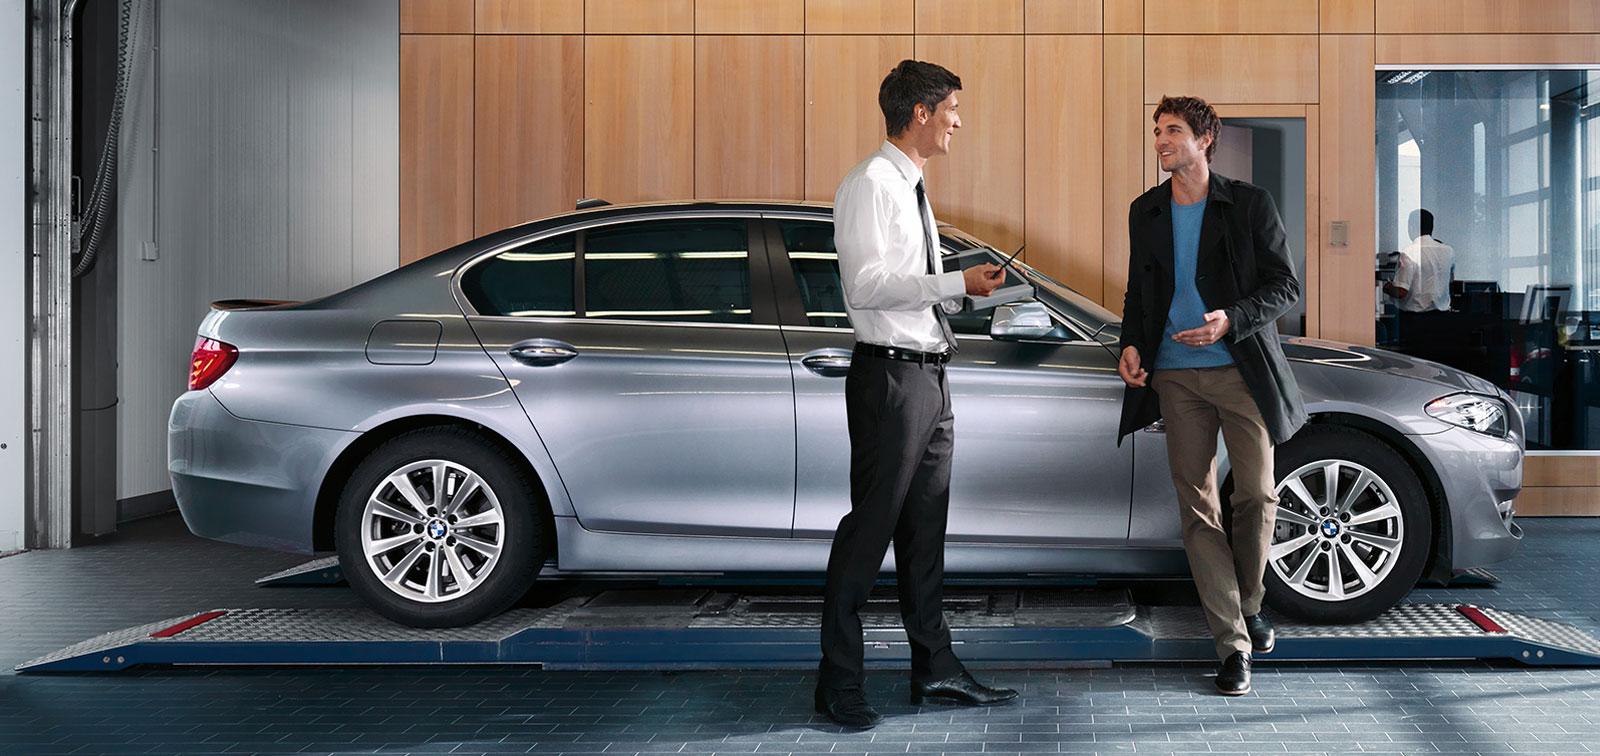 BMW Wagner - Servicetermin online vereinbaren